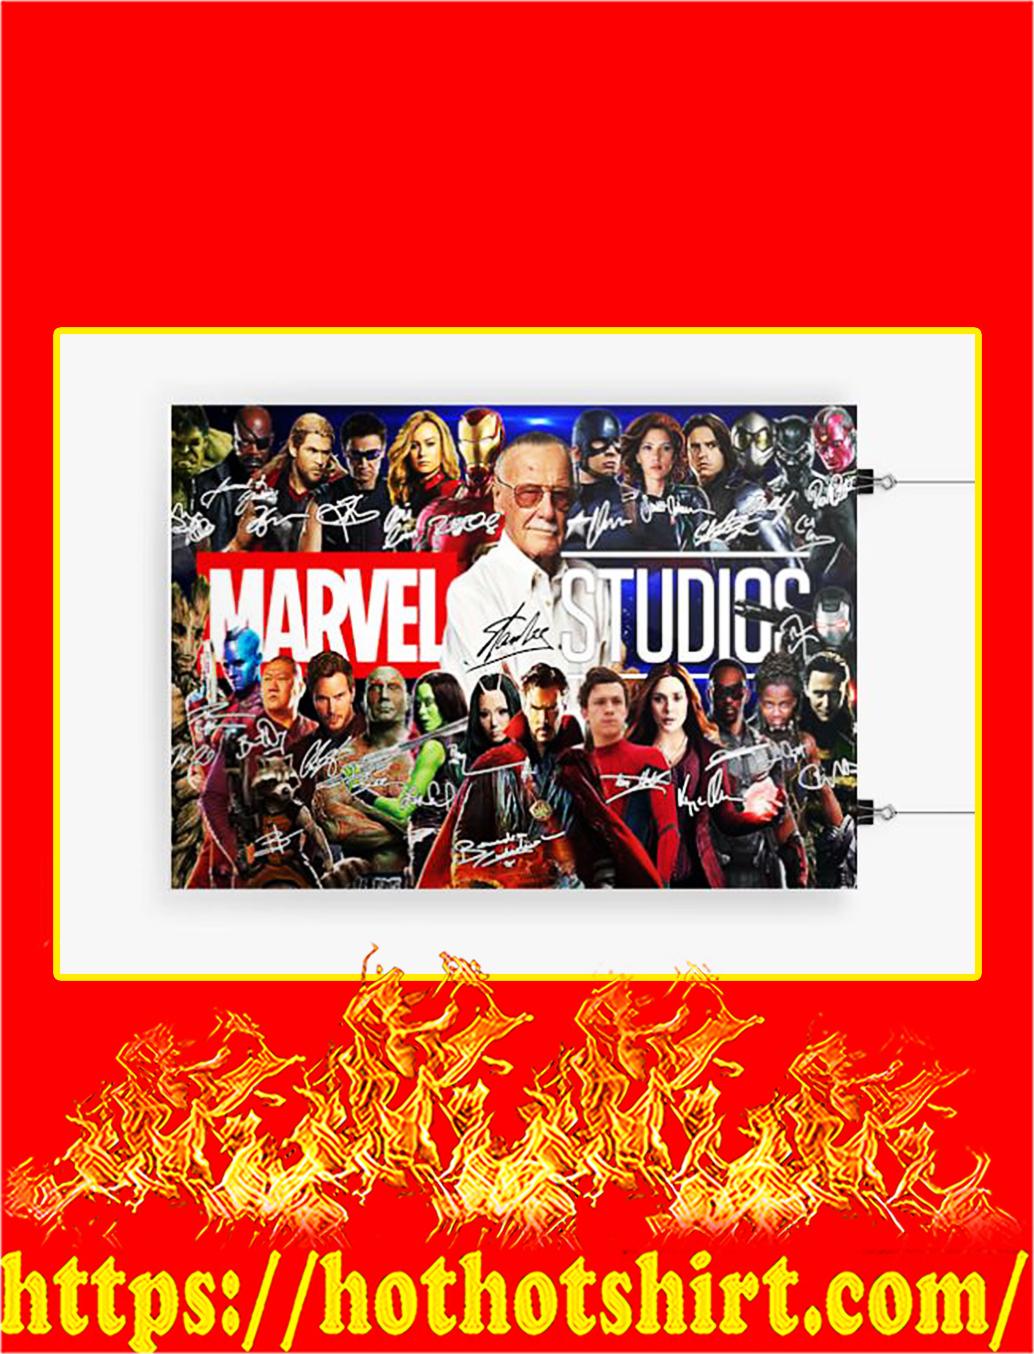 Stan lee marvel studios signature poster - A1